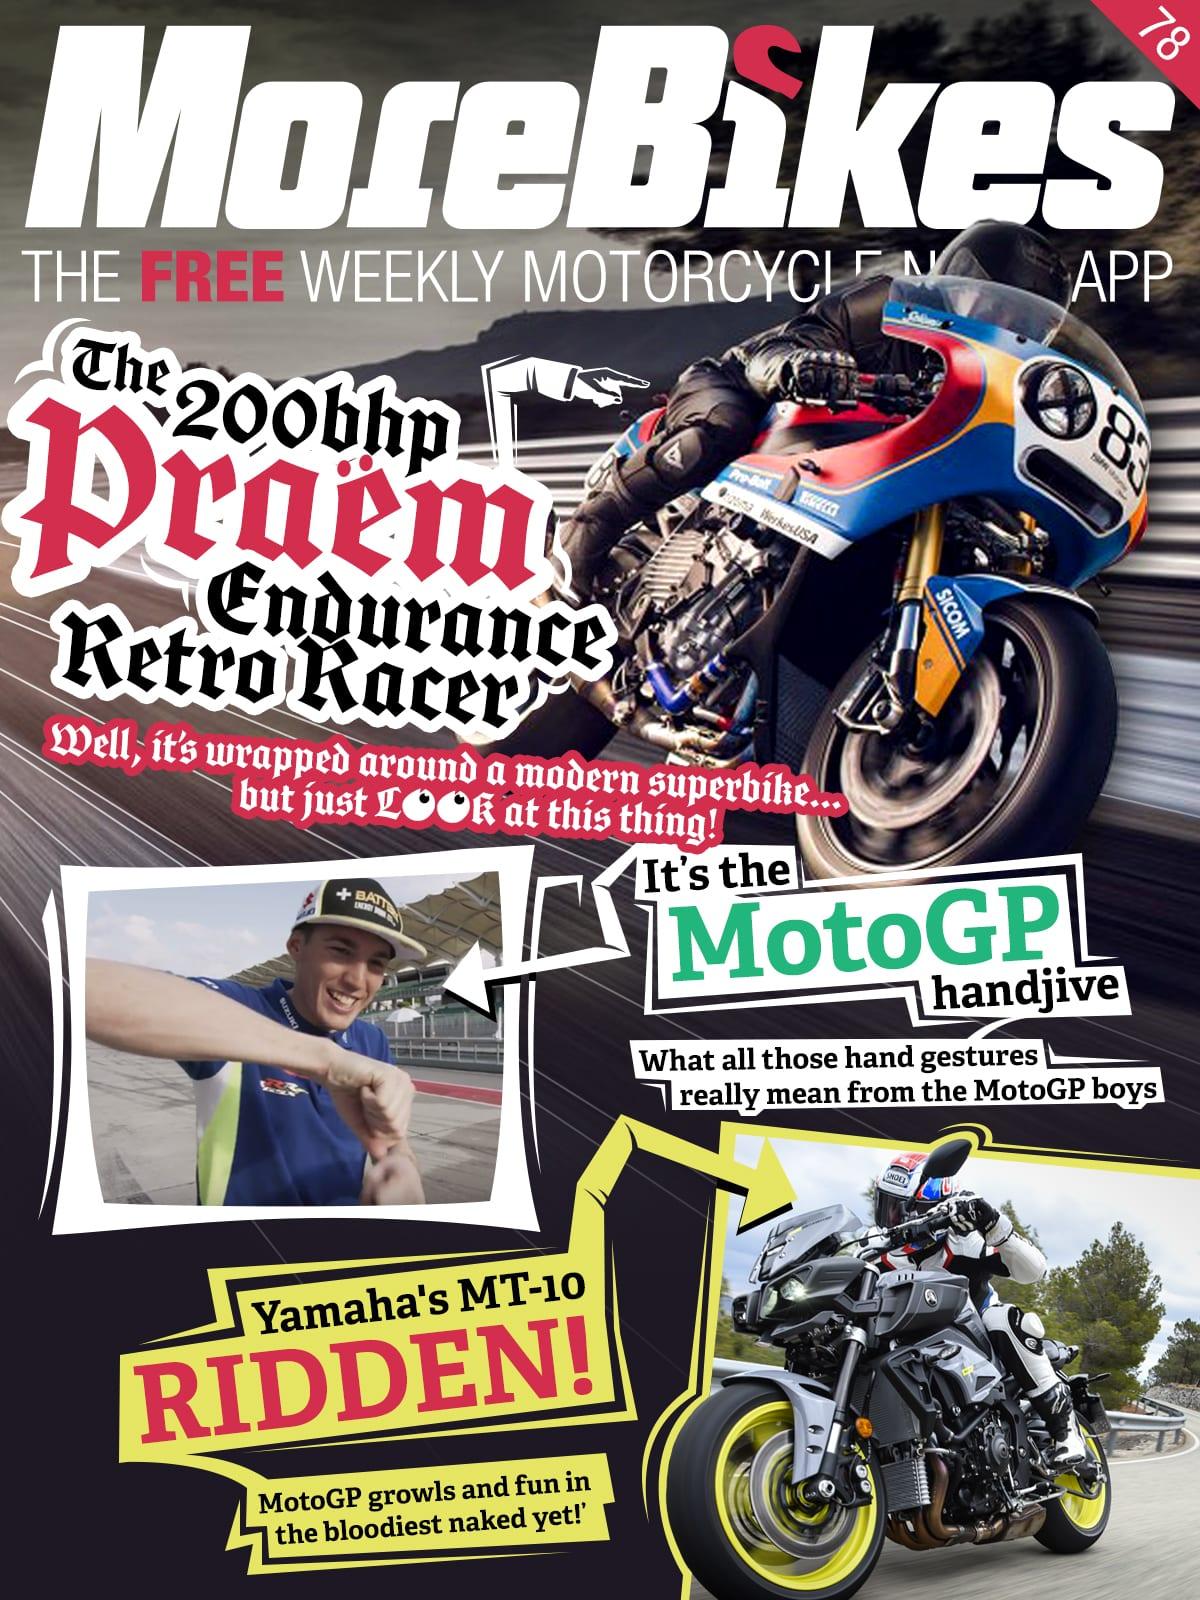 78-Praem-Endurance-Retro-Racer (1)